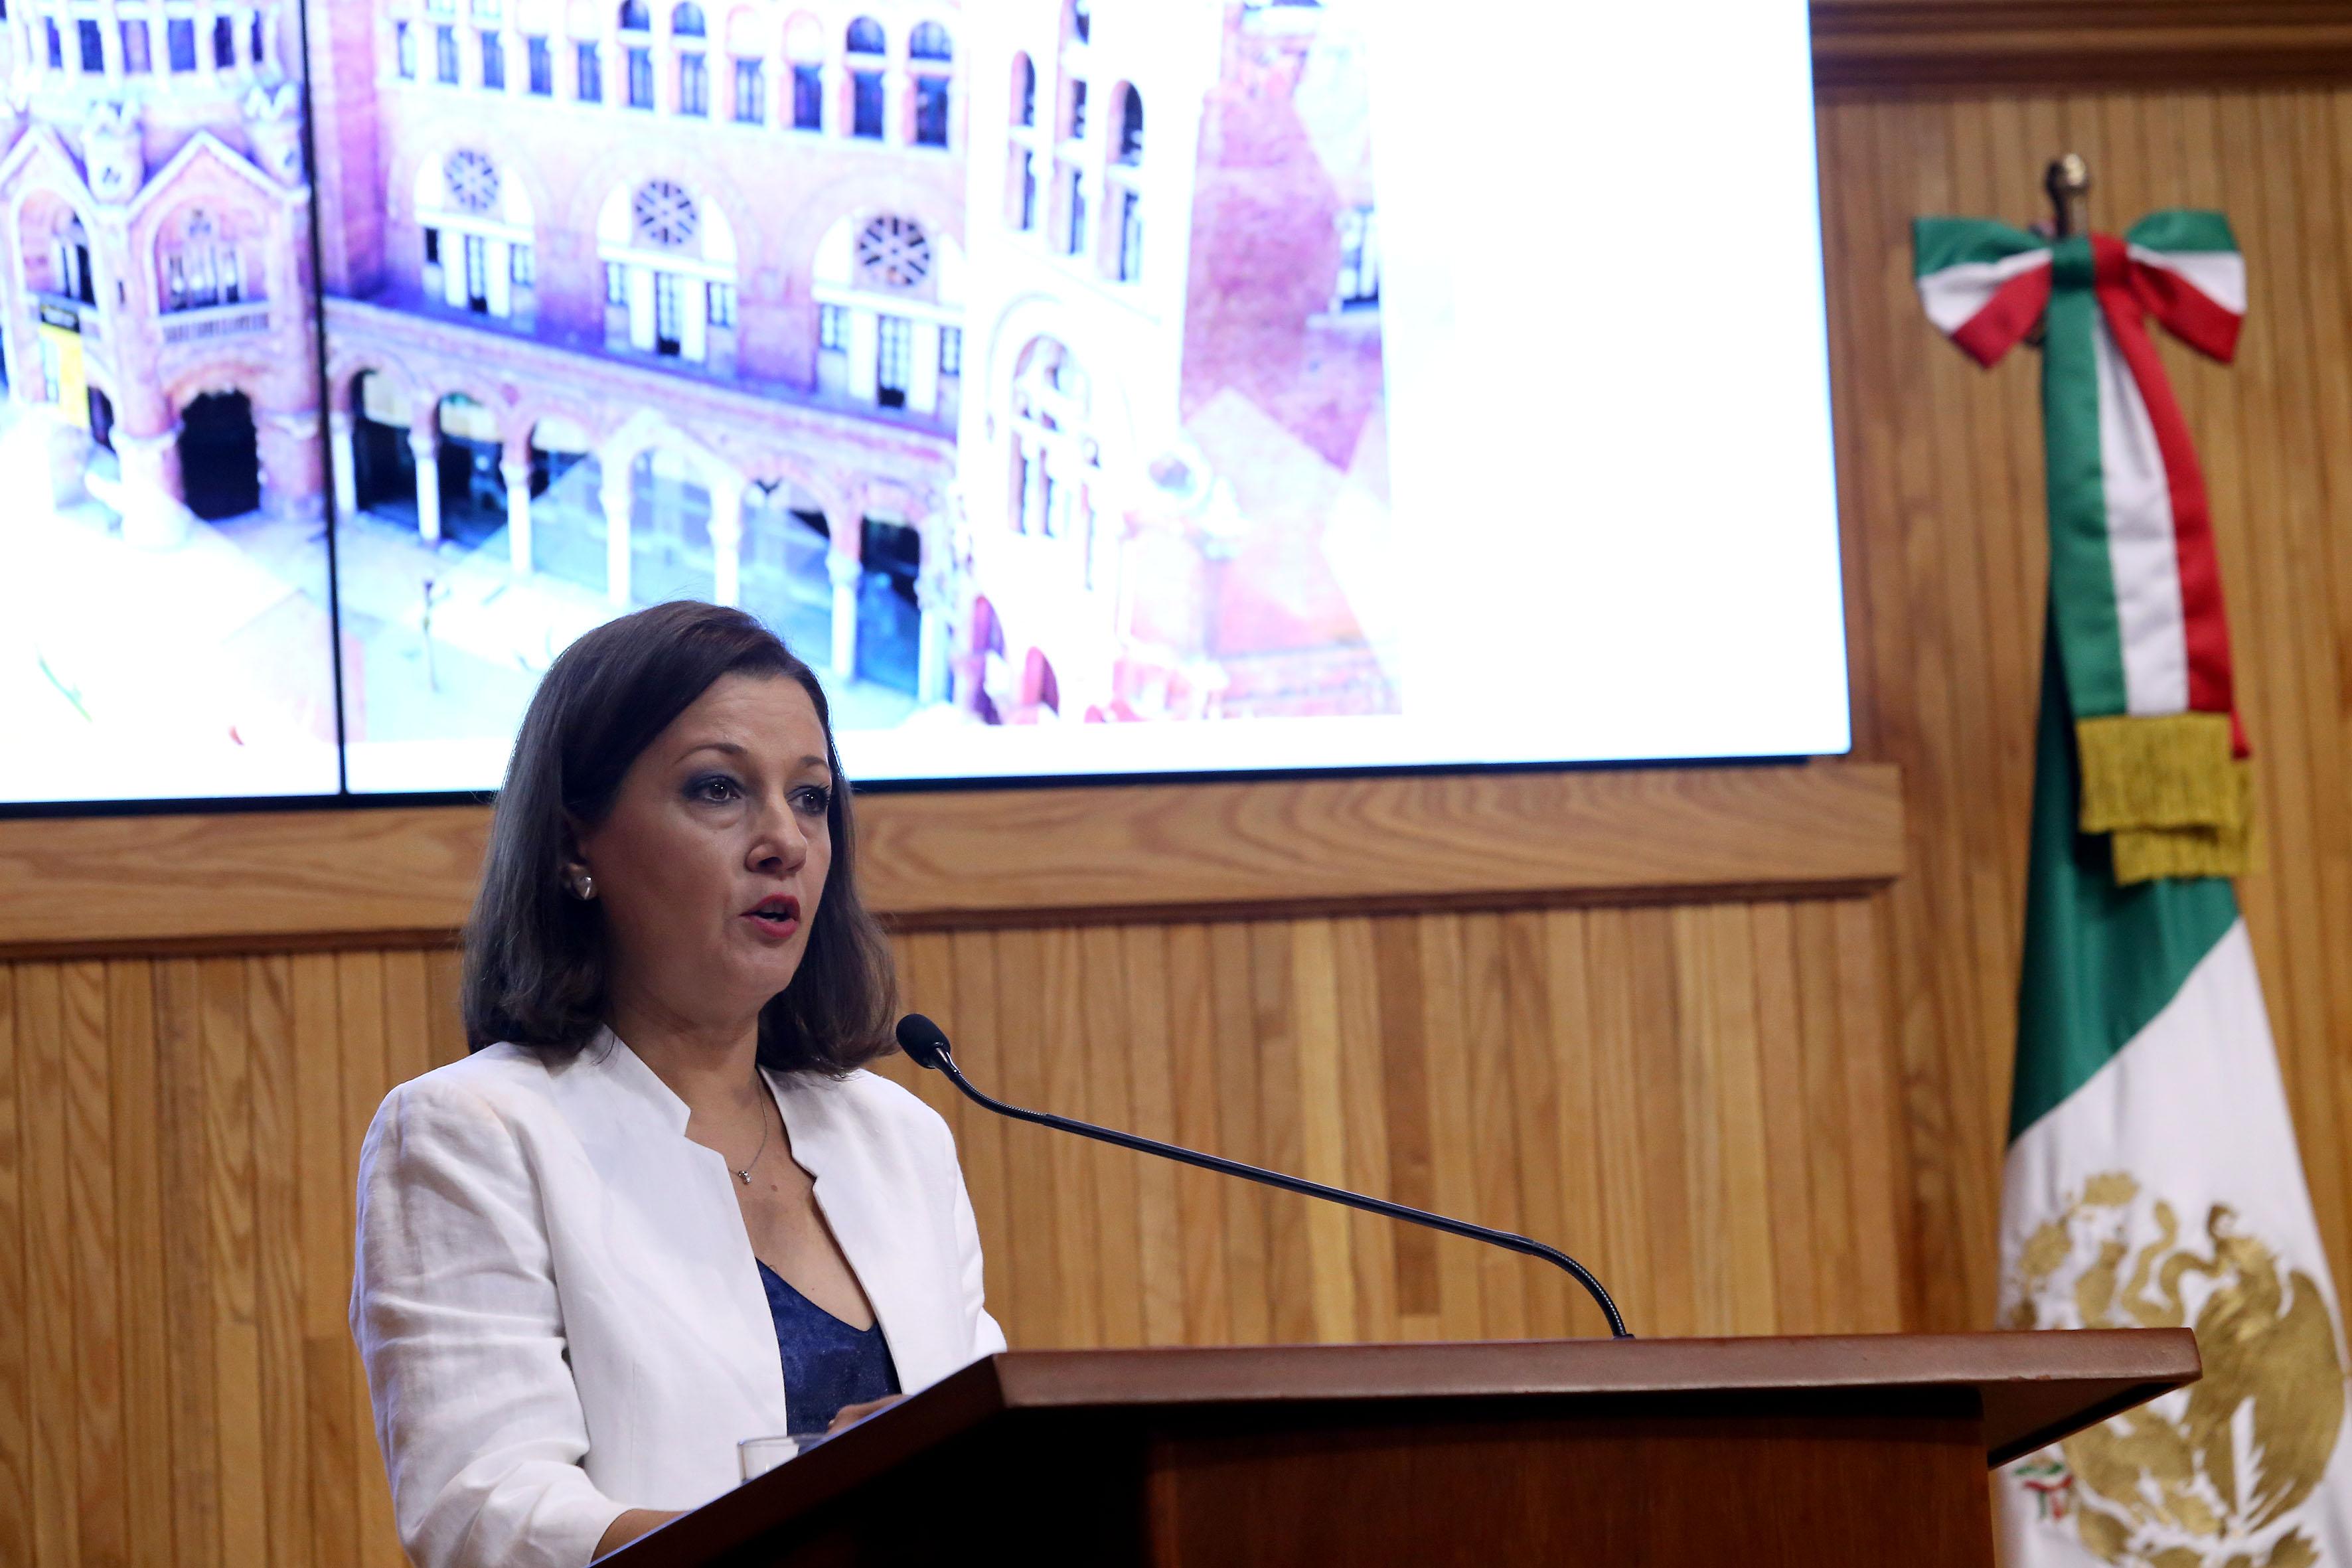 Coordinadora del doctorado en Ciudad, Territorio y Sustentabilidad, doctora María Teresa Pérez Bourzac, haciendo uso de la palabra